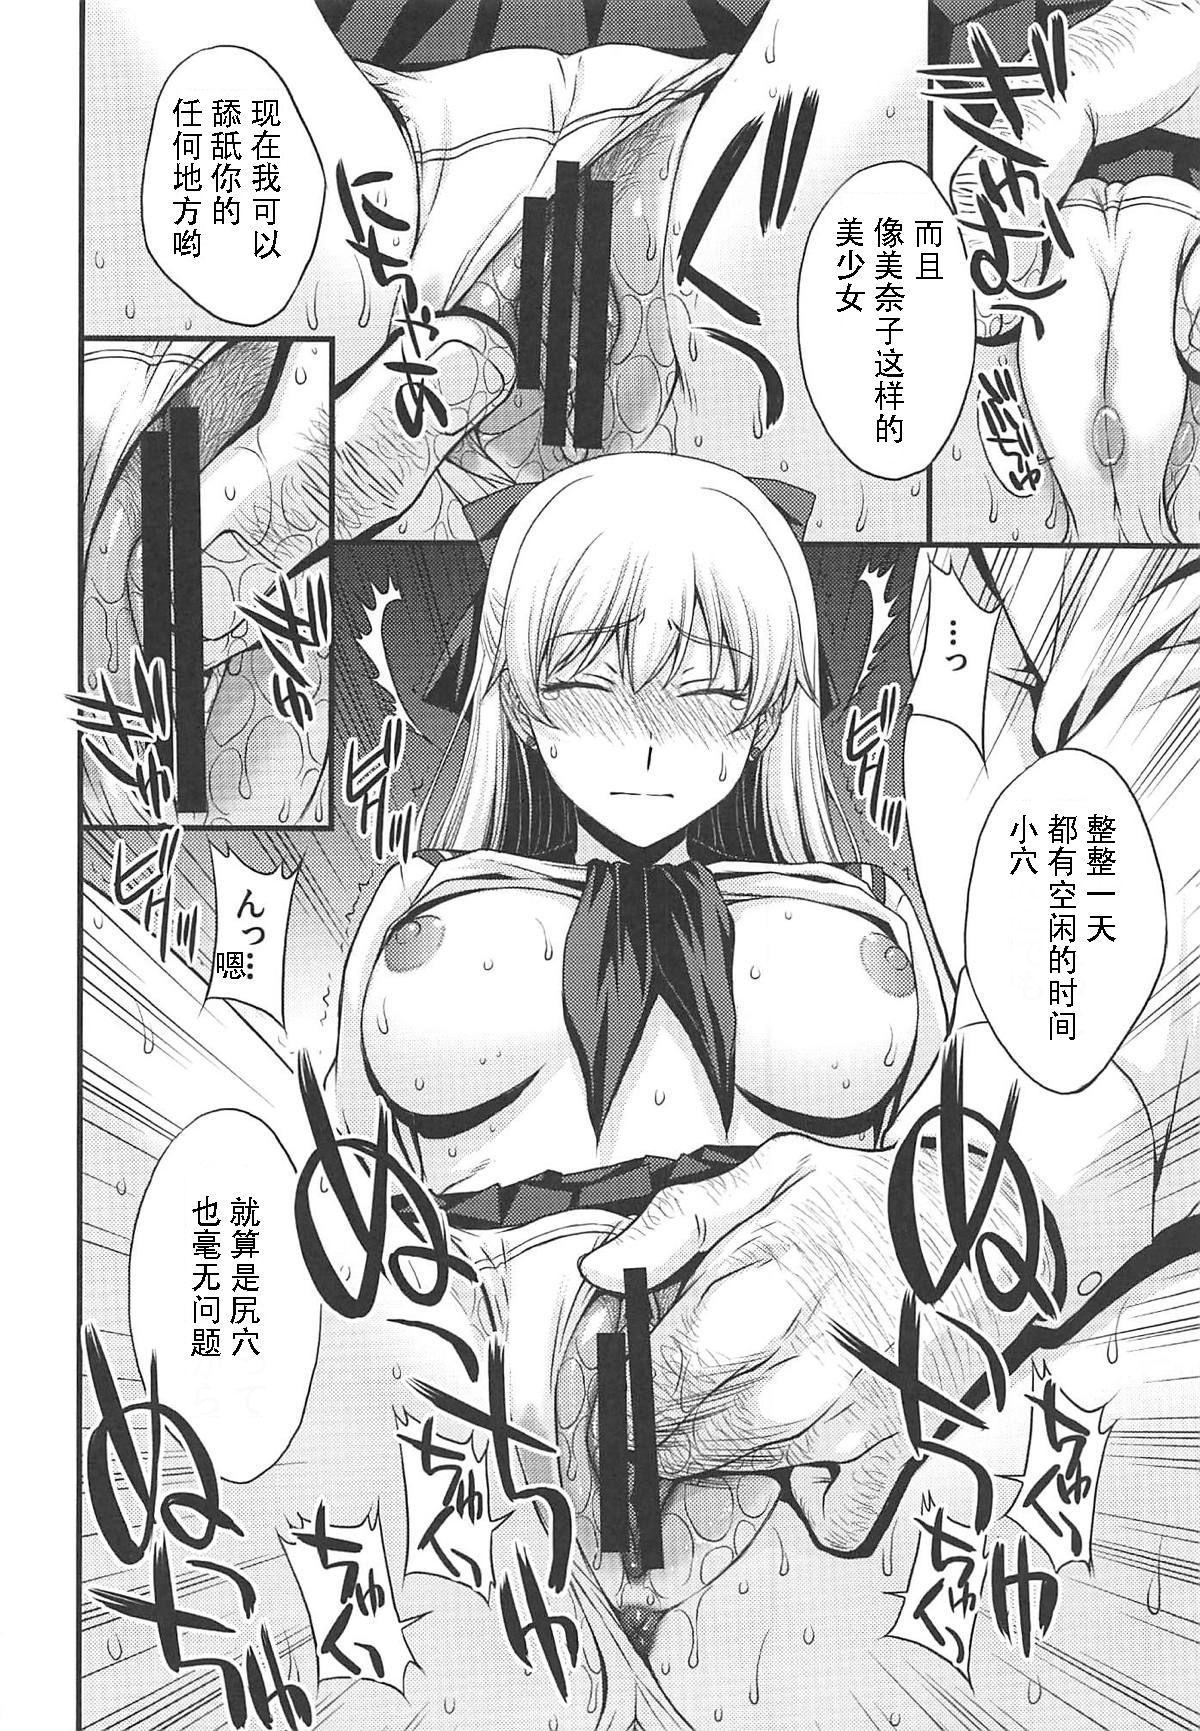 Konya wa Minako o Okazu ni Shitai. 4